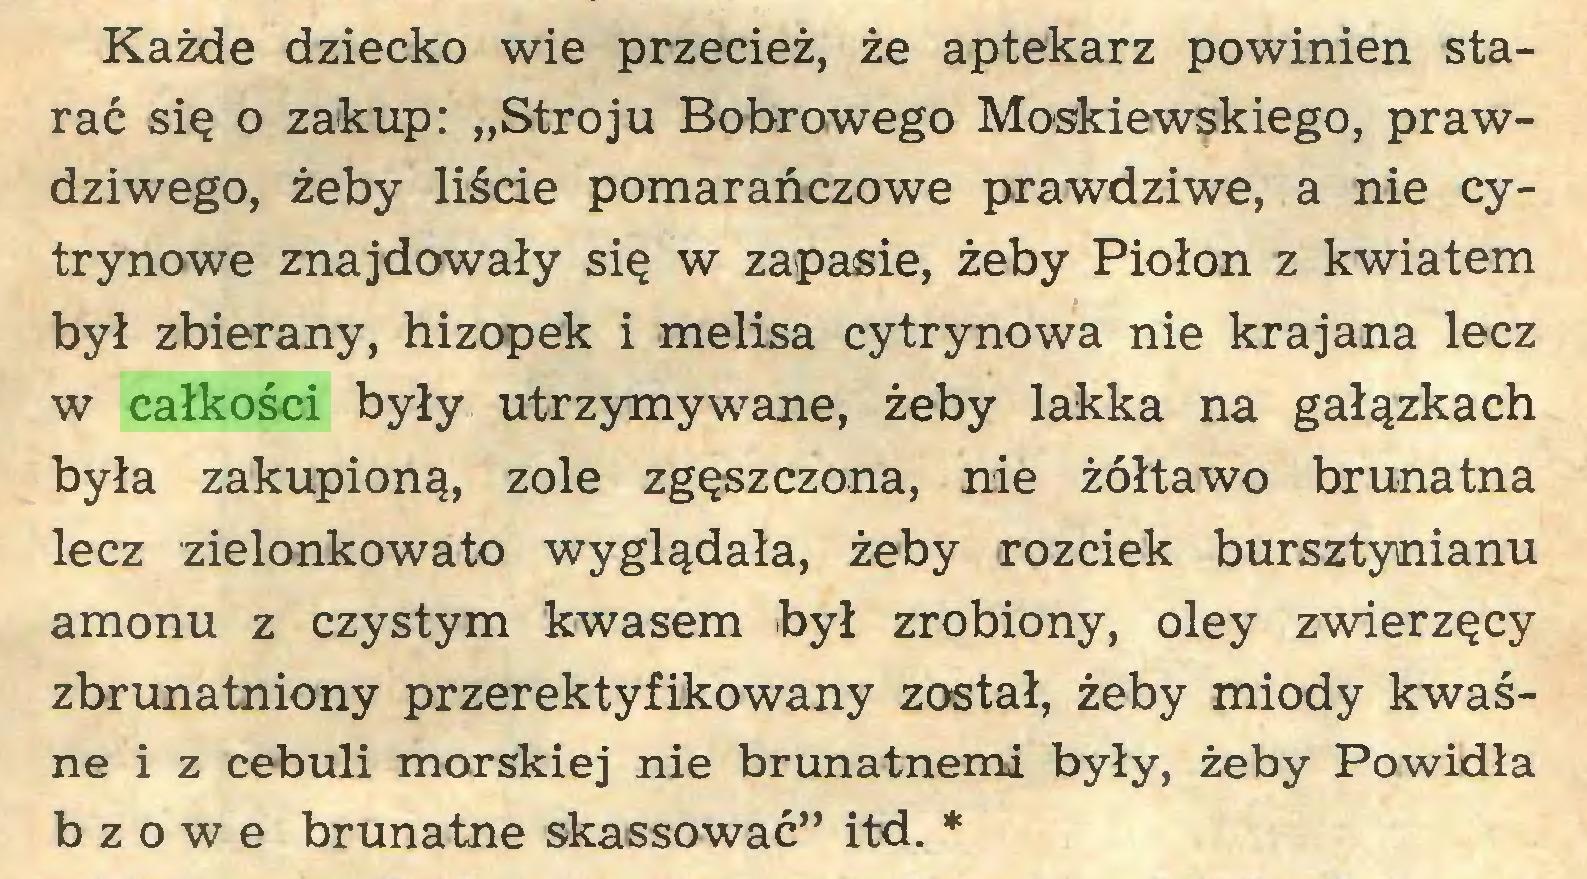 """(...) Każde dziecko wie przecież, że aptekarz powinien starać się o zakup: """"Stroju Bobrowego Moskiewskiego, prawdziwego, żeby liście pomarańczowe prawdziwe, a nie cytrynowe znajdowały się w zapasie, żeby Piołon z kwiatem był zbierany, hizopek i melisa cytrynowa nie krajana lecz w całkości były utrzymywane, żeby lakka na gałązkach była zakupioną, zole zgęszczona, nie żółtawo brunatna lecz zielonkowato wyglądała, żeby rozciek bursztynianu amonu z czystym kwasem był zrobiony, oley zwierzęcy zbrunatniony przerektyfikowany został, żeby miody kwaśne i z cebuli morskiej nie brunatnemi były, żeby Powidła bzowe brunatne skassować"""" itd. *..."""